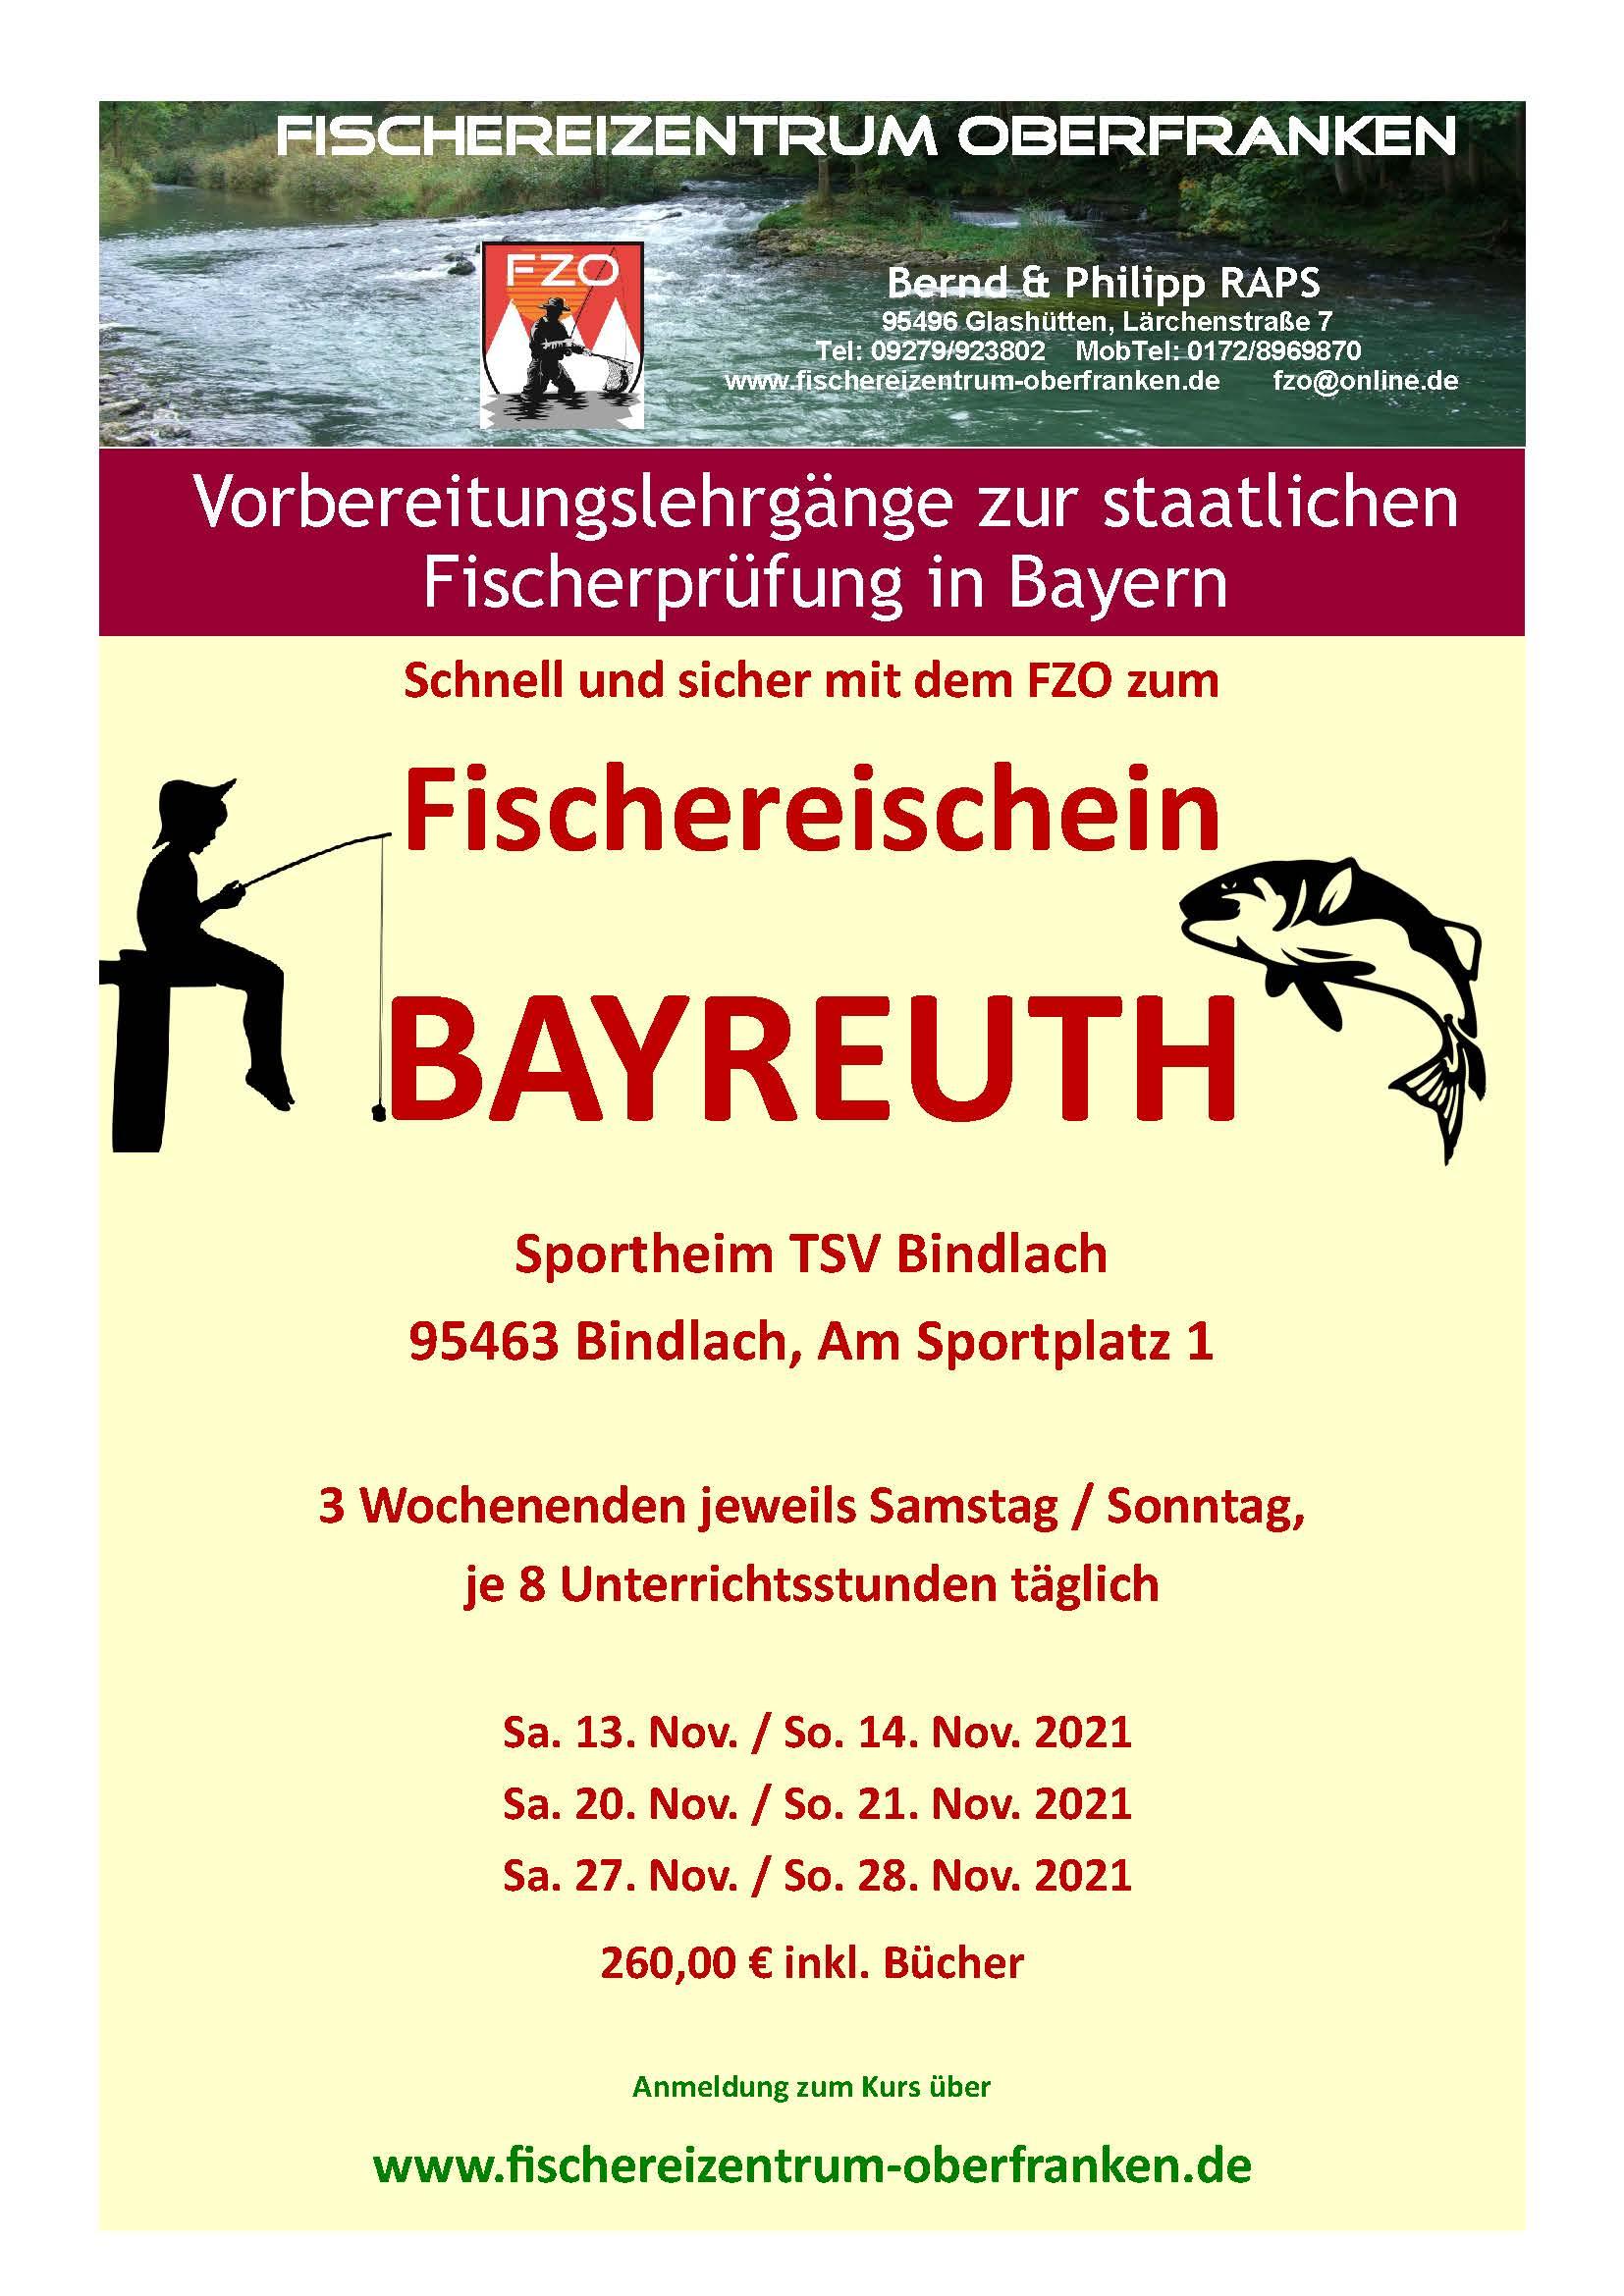 Fischereikurs für die Region Oberfranken im November 2021